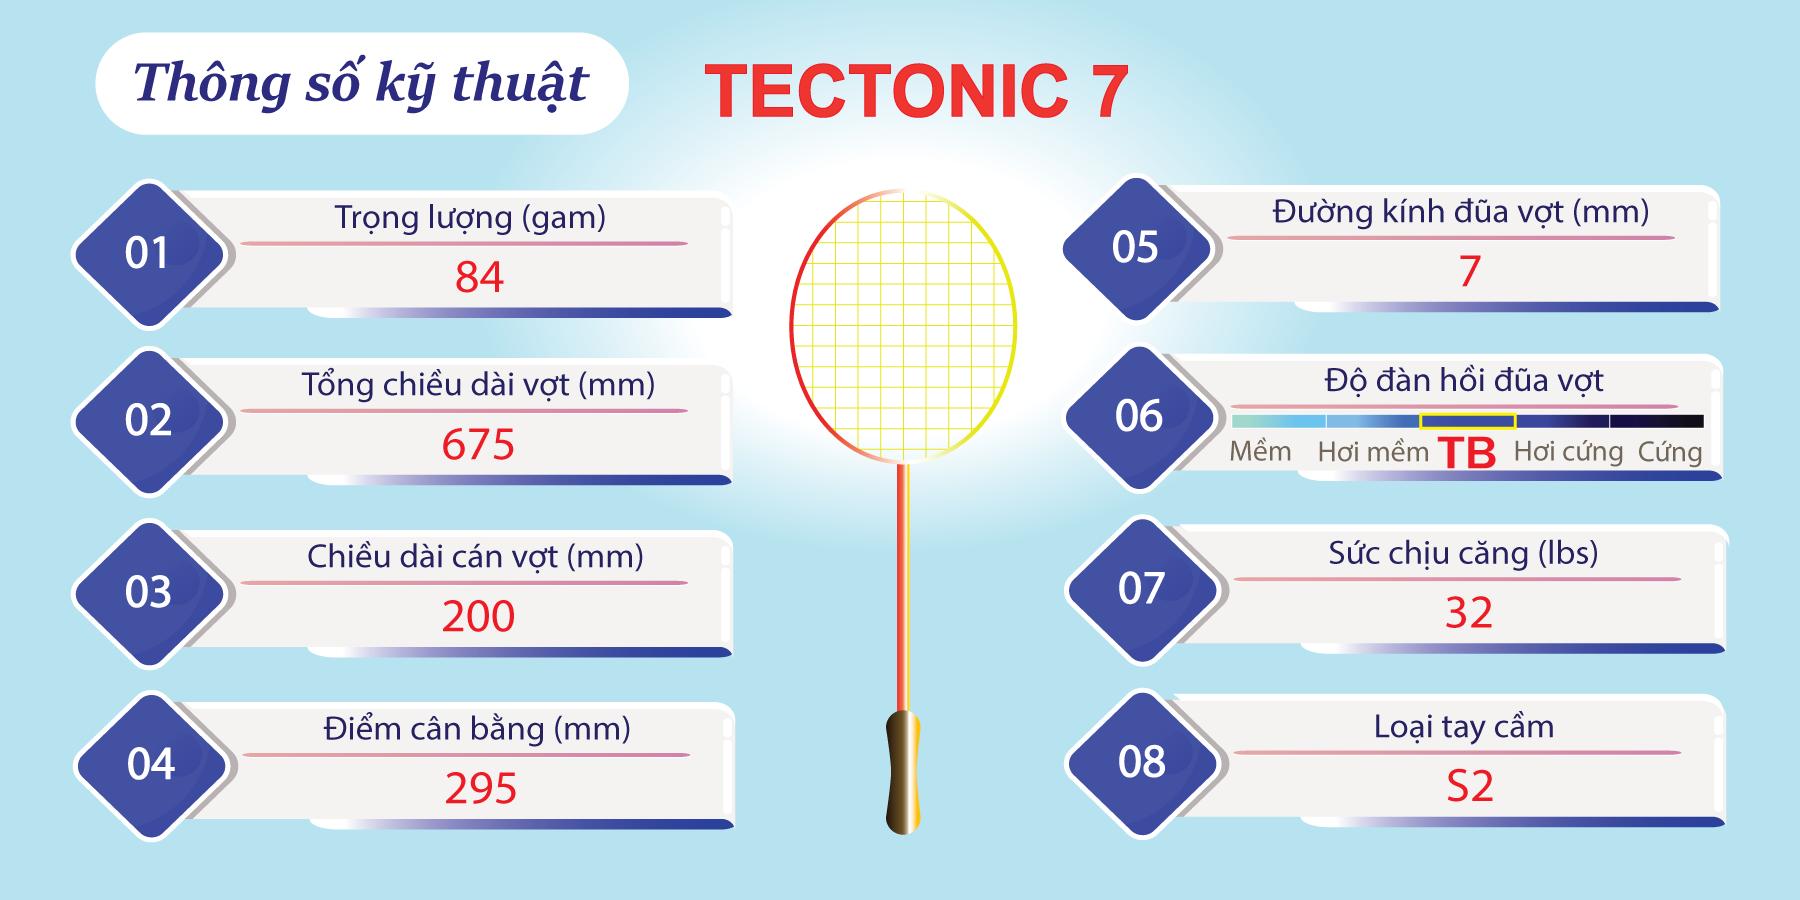 Các thông số kỹ thuật của Tectonic 7